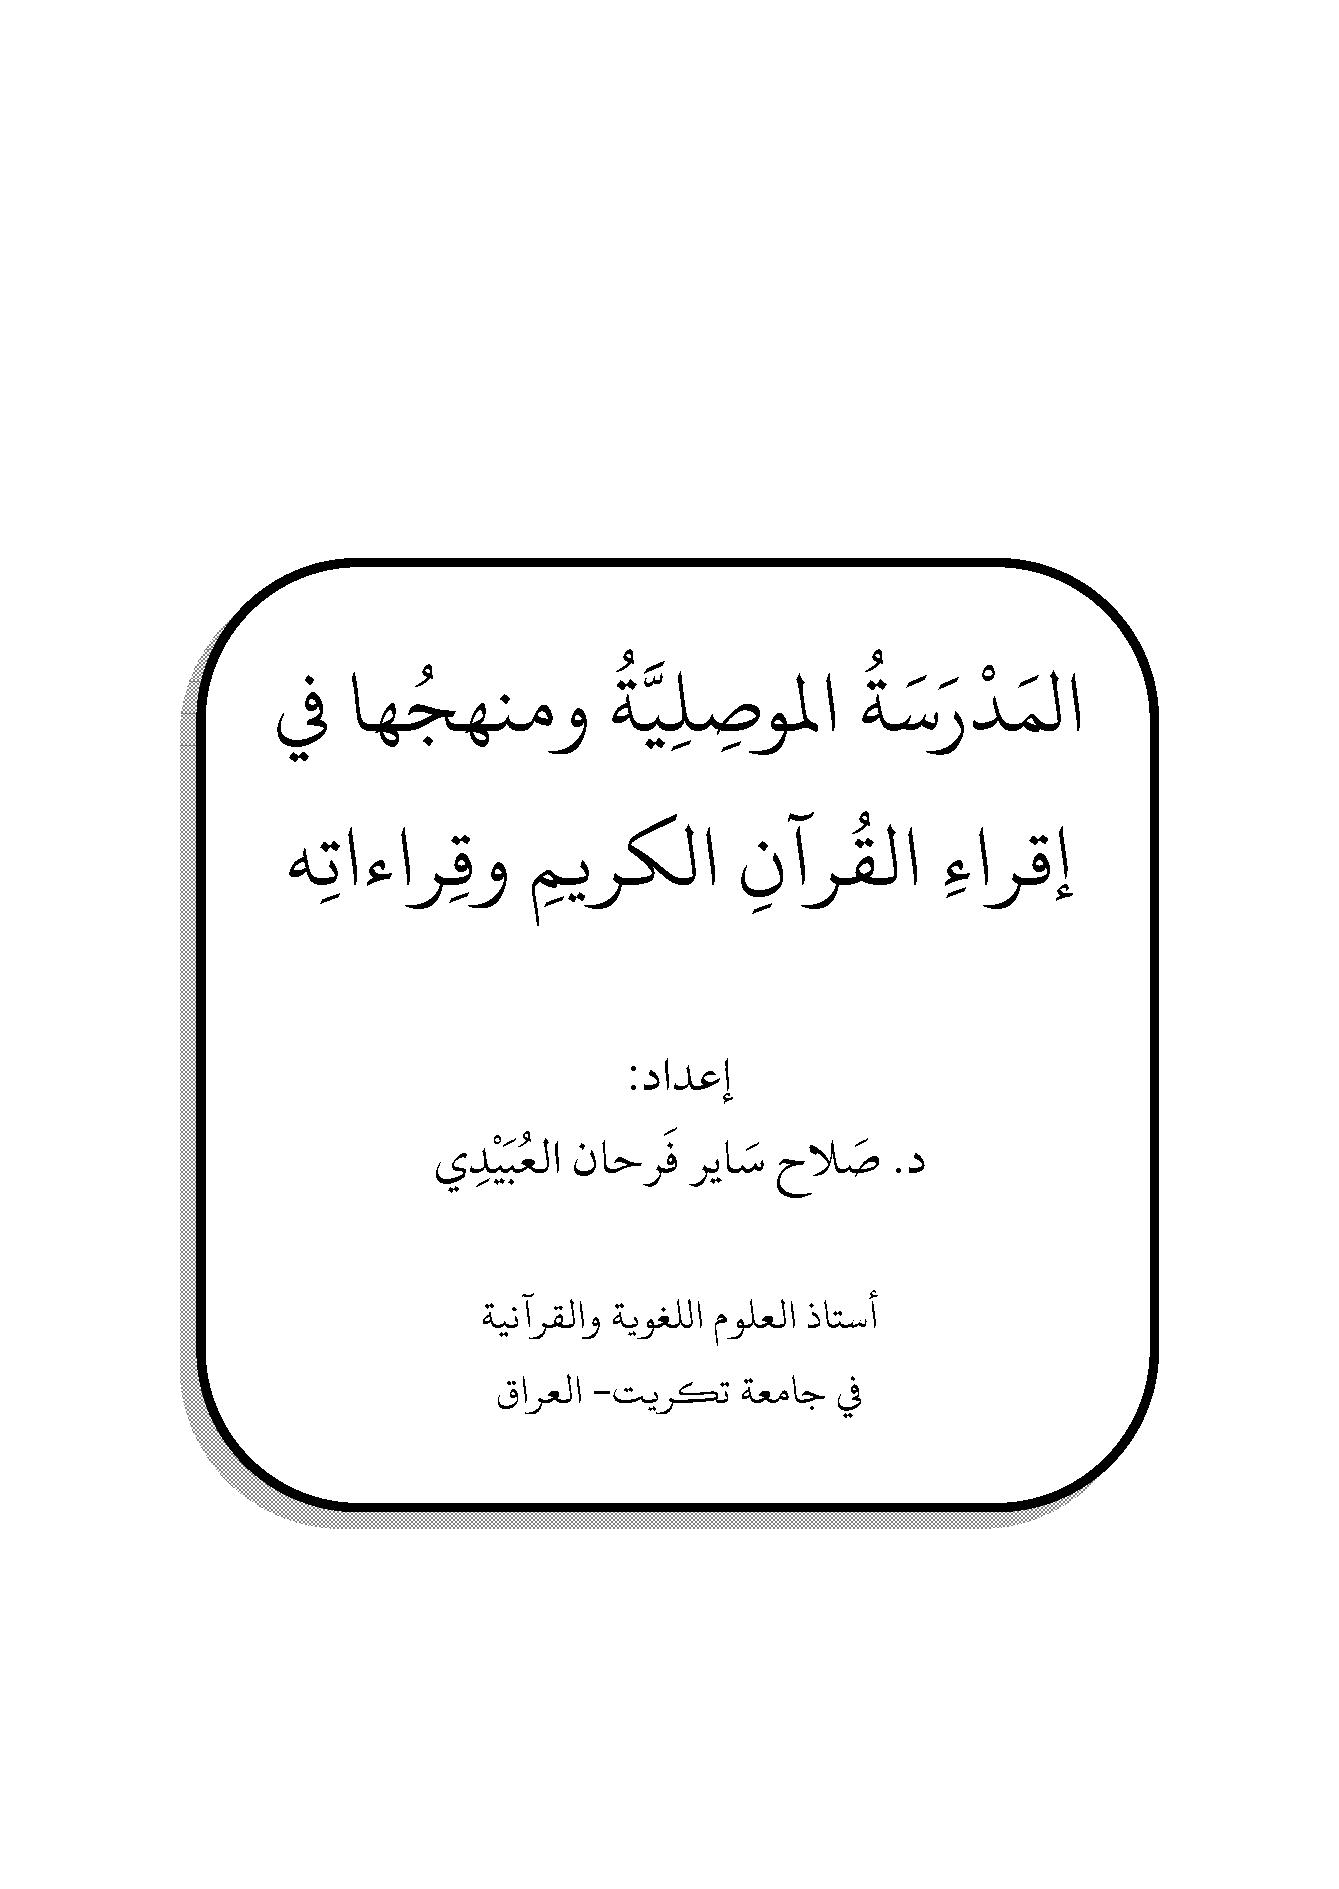 تحميل كتاب المدرسة الموصلية ومنهجها في إقراء القرآن الكريم وقراءاته لـِ: الدكتور صلاح ساير فرحان العبيدي